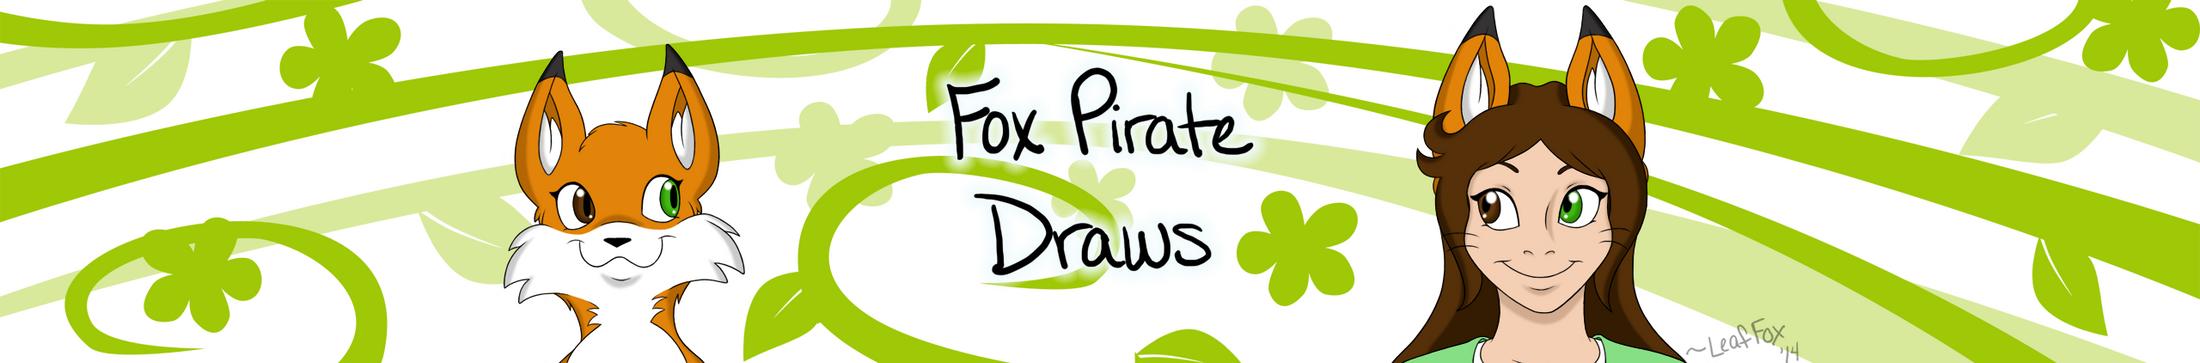 FoxPirate Draws Logo by LeafFox